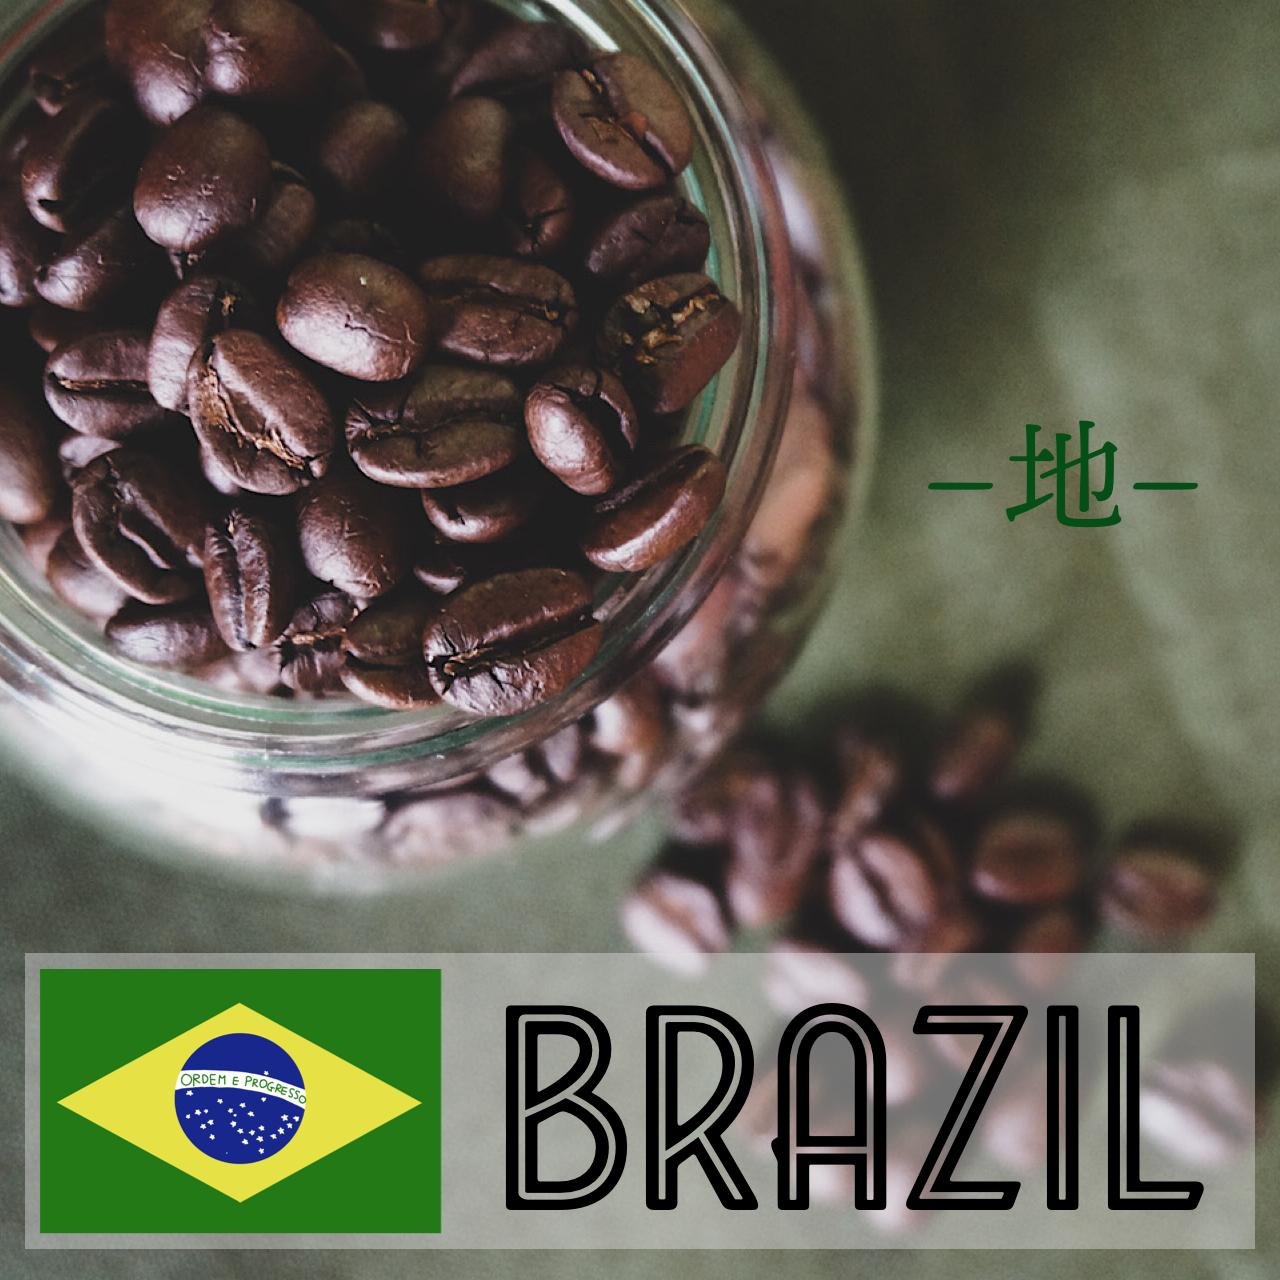 ブラジル 100g ー地ー